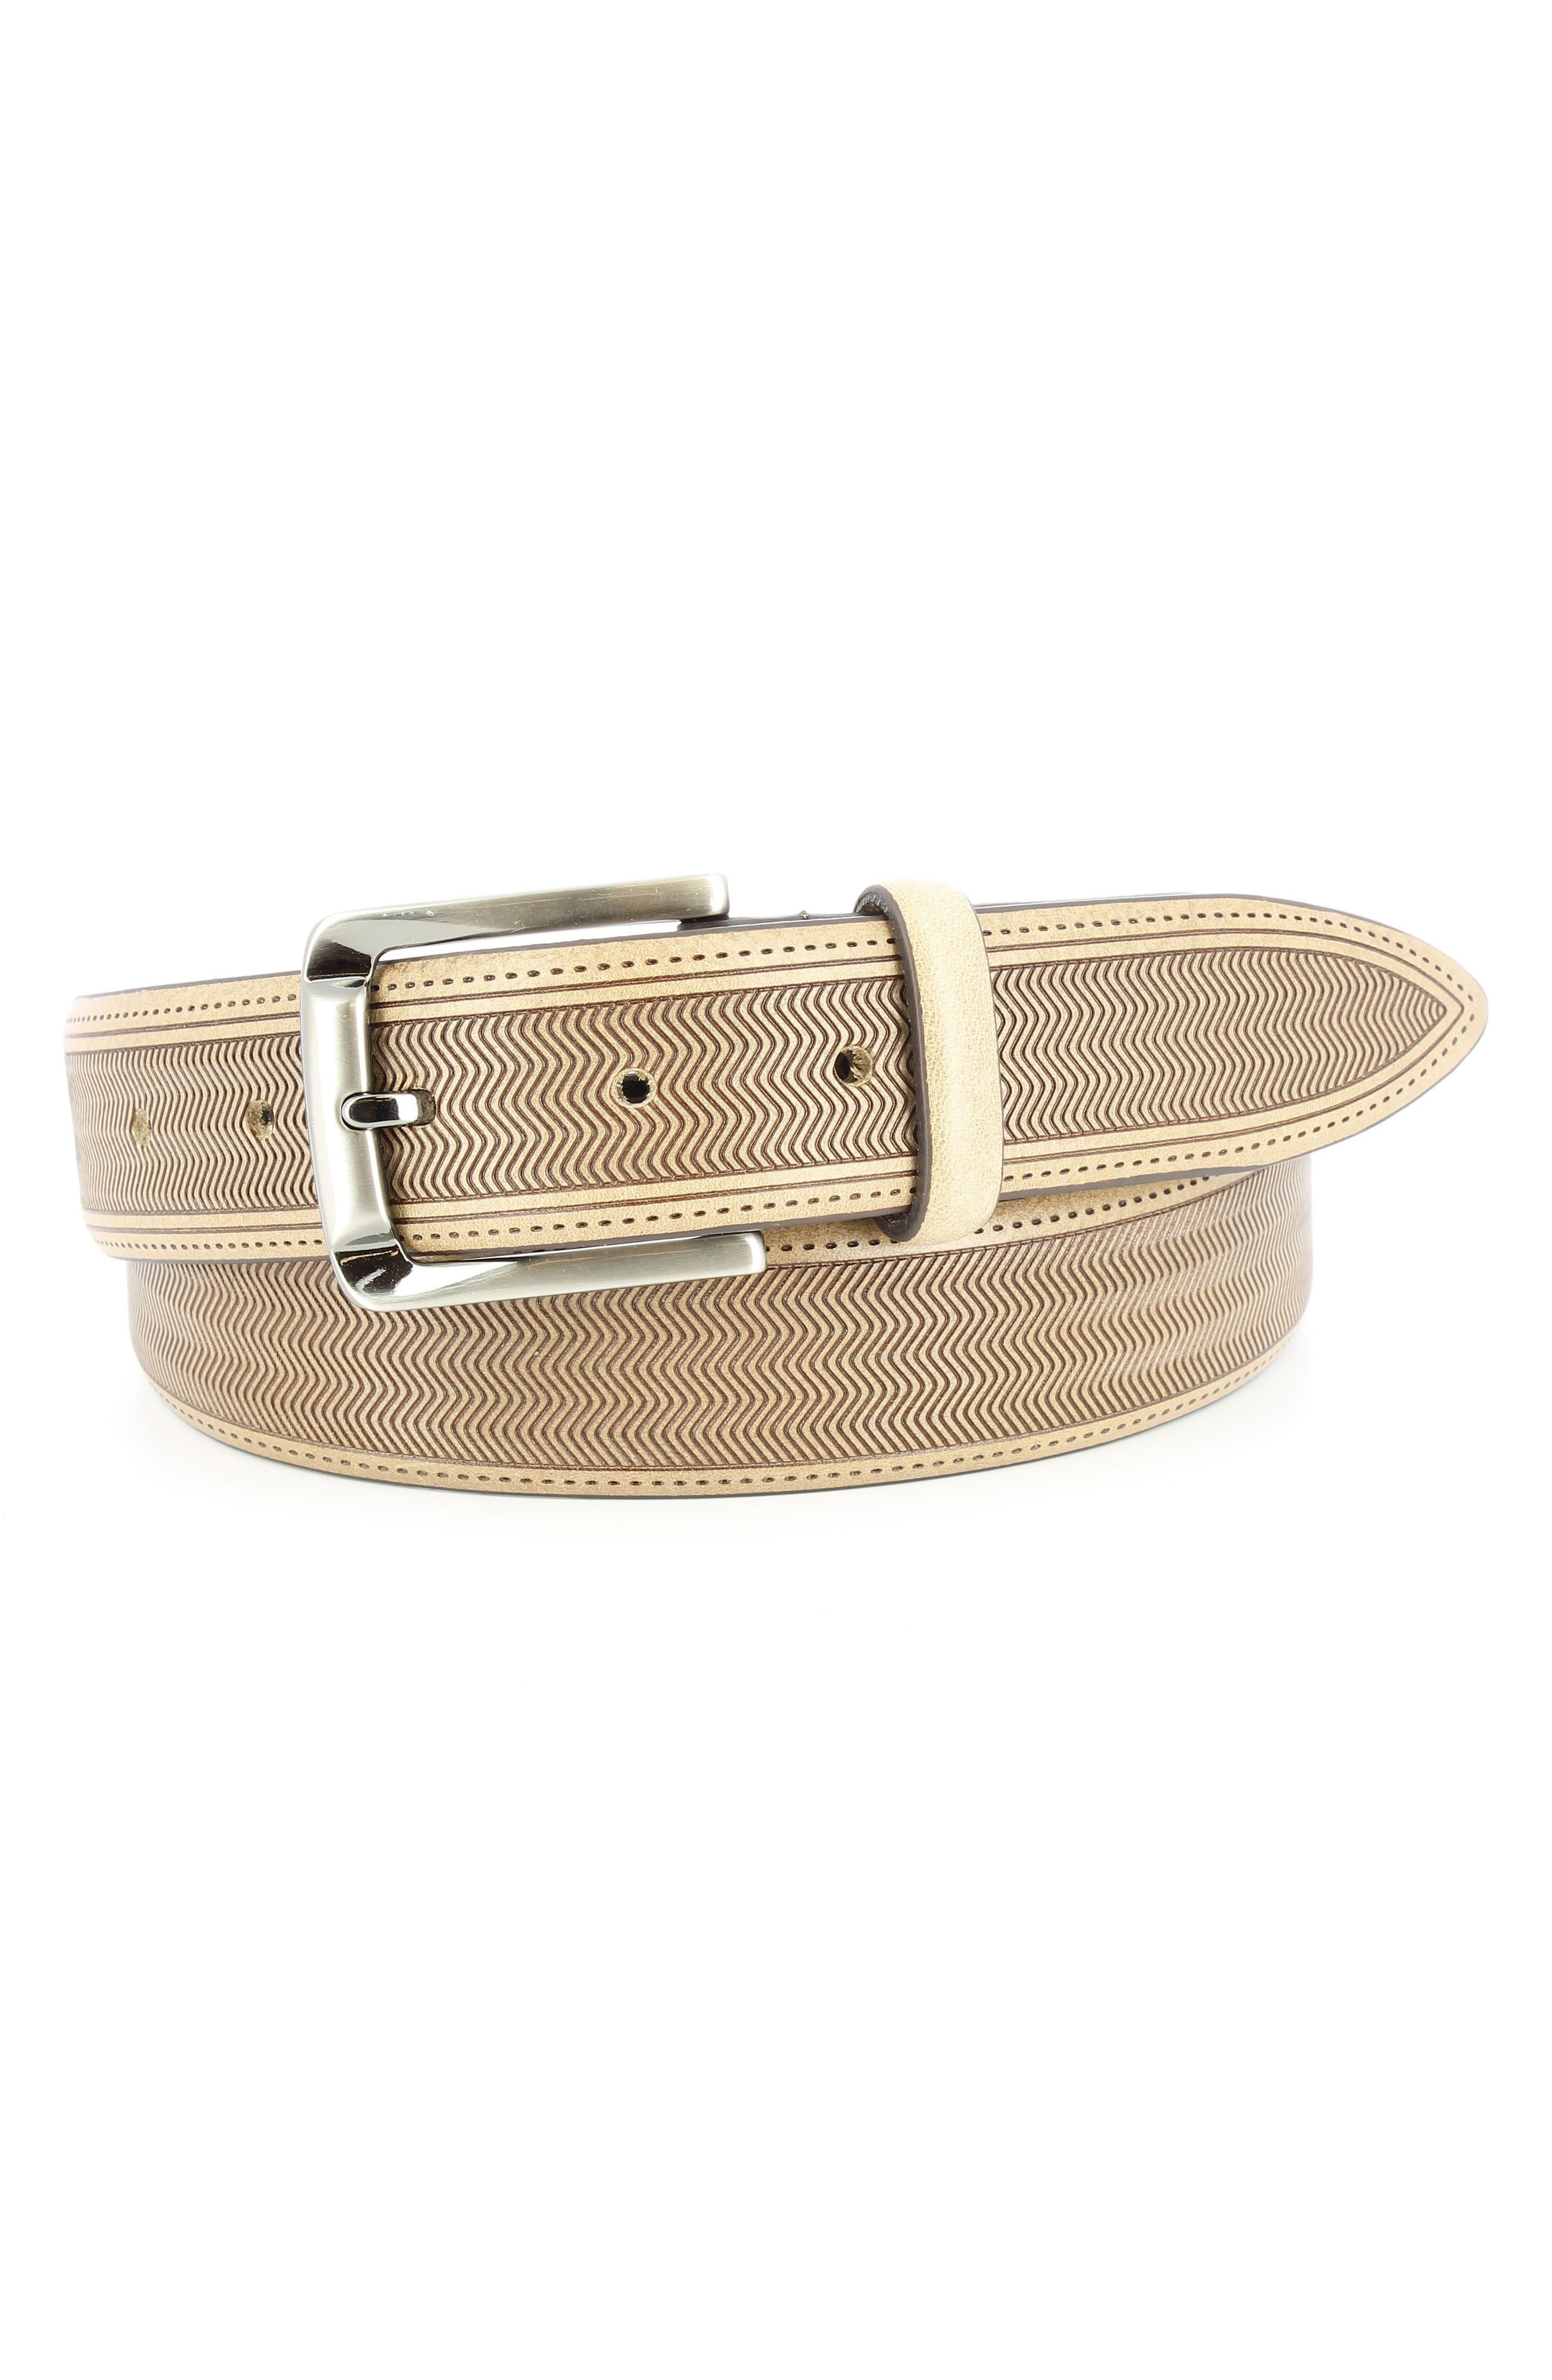 Remo Tulliani Raspail Leather Belt